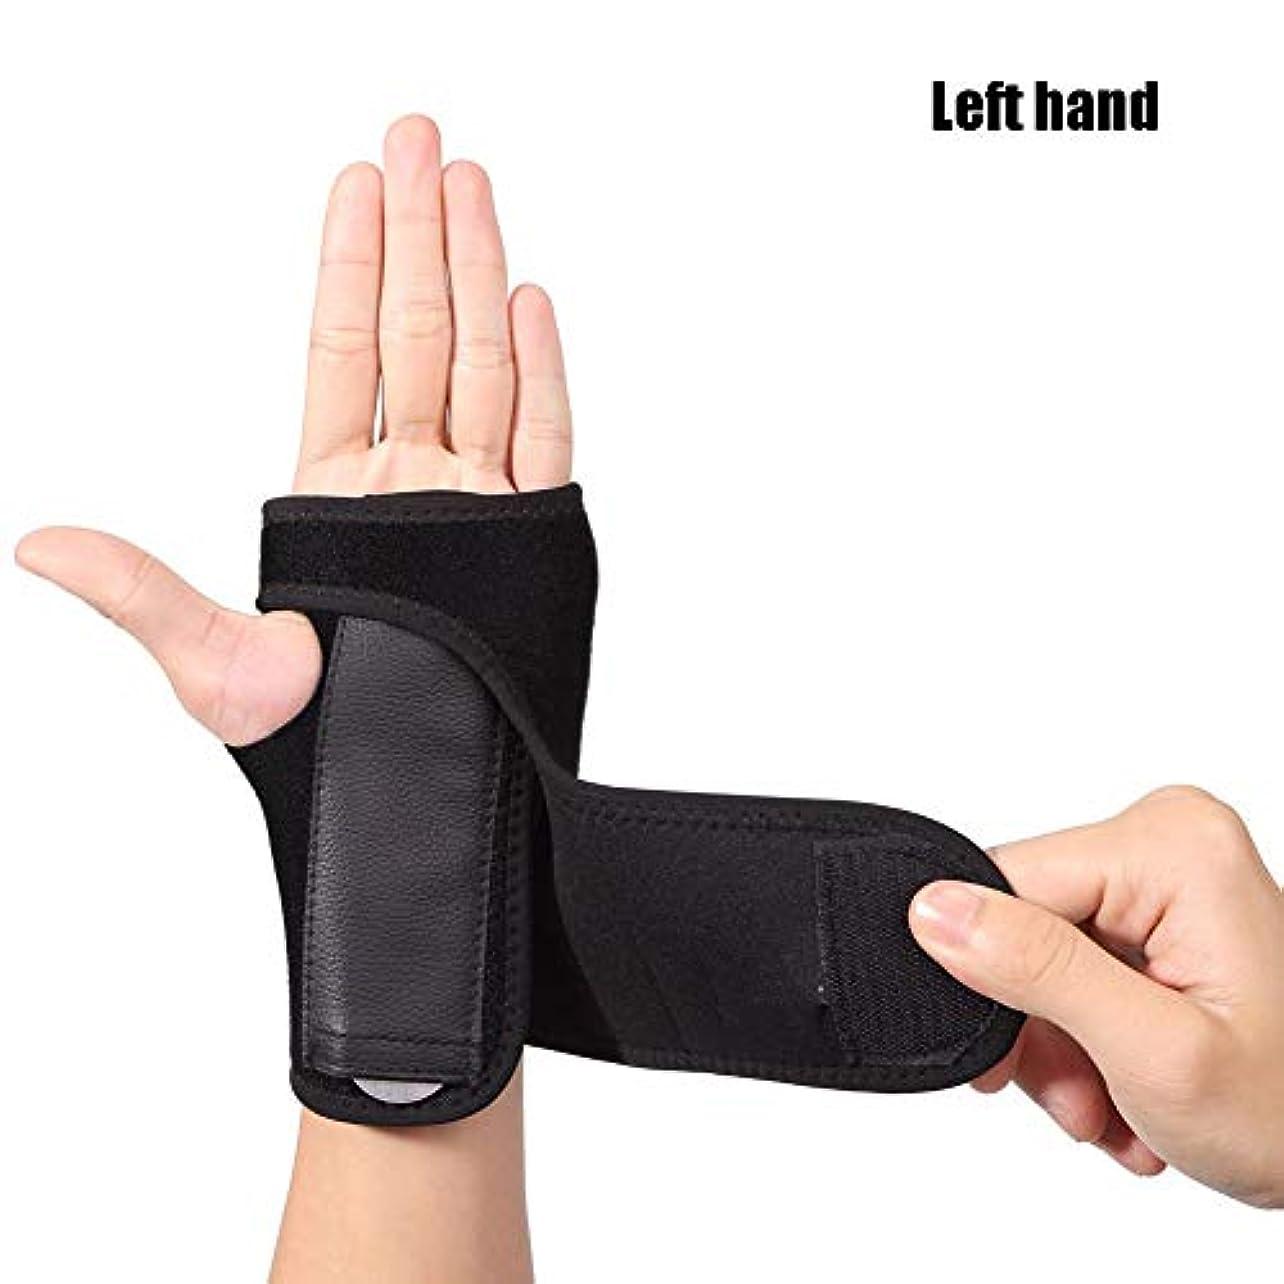 玉ねぎ突破口免除手根管腱炎骨折関節炎の捻forのための手首のサポートスプリント,Left